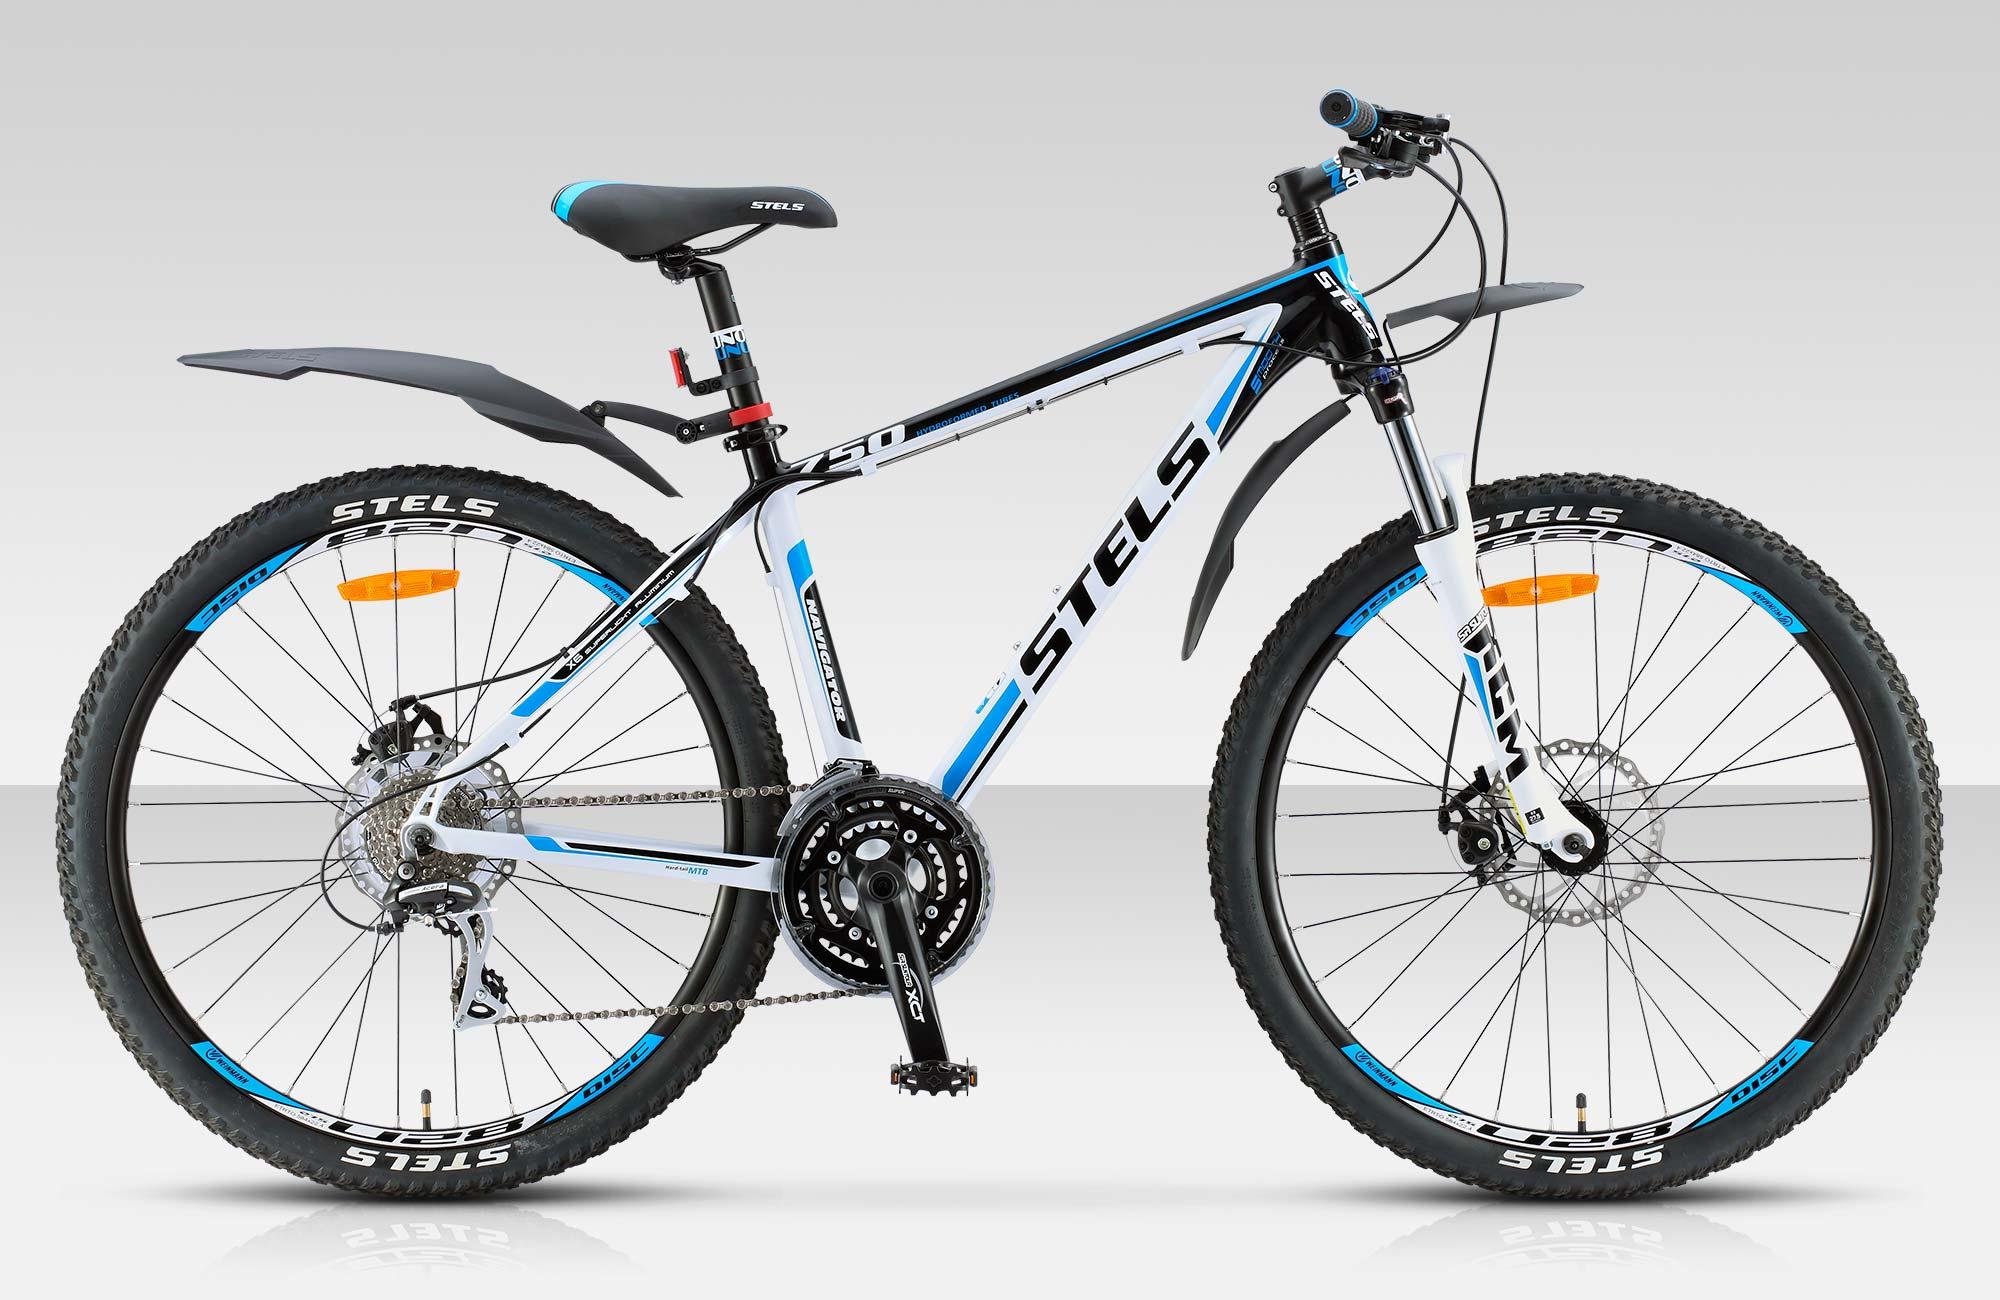 Велосипед Stels Navigator-750 MD 27.5.15Велосипеды Stels<br>Прочная и скоростная модель горного велосипеда Stels Navigator 750 MD 27.5 2015 года для увлекательной езды по горным тропам. Этот велосипед, несомненно, позволит почувствовать себя настоящим покорителем горных вершин! Стильный байк Stels Navigator 750 MD...<br>